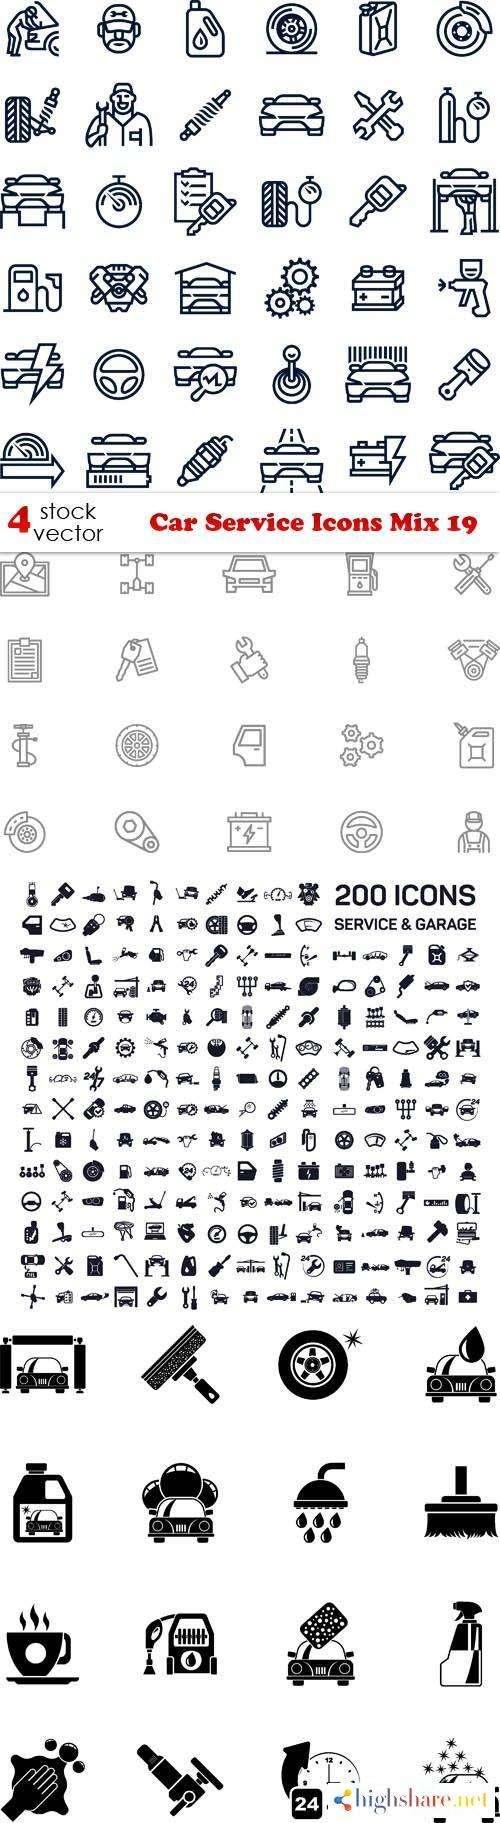 vectors car service icons mix 19 5f46546b97def - Vectors - Car Service Icons Mix 19